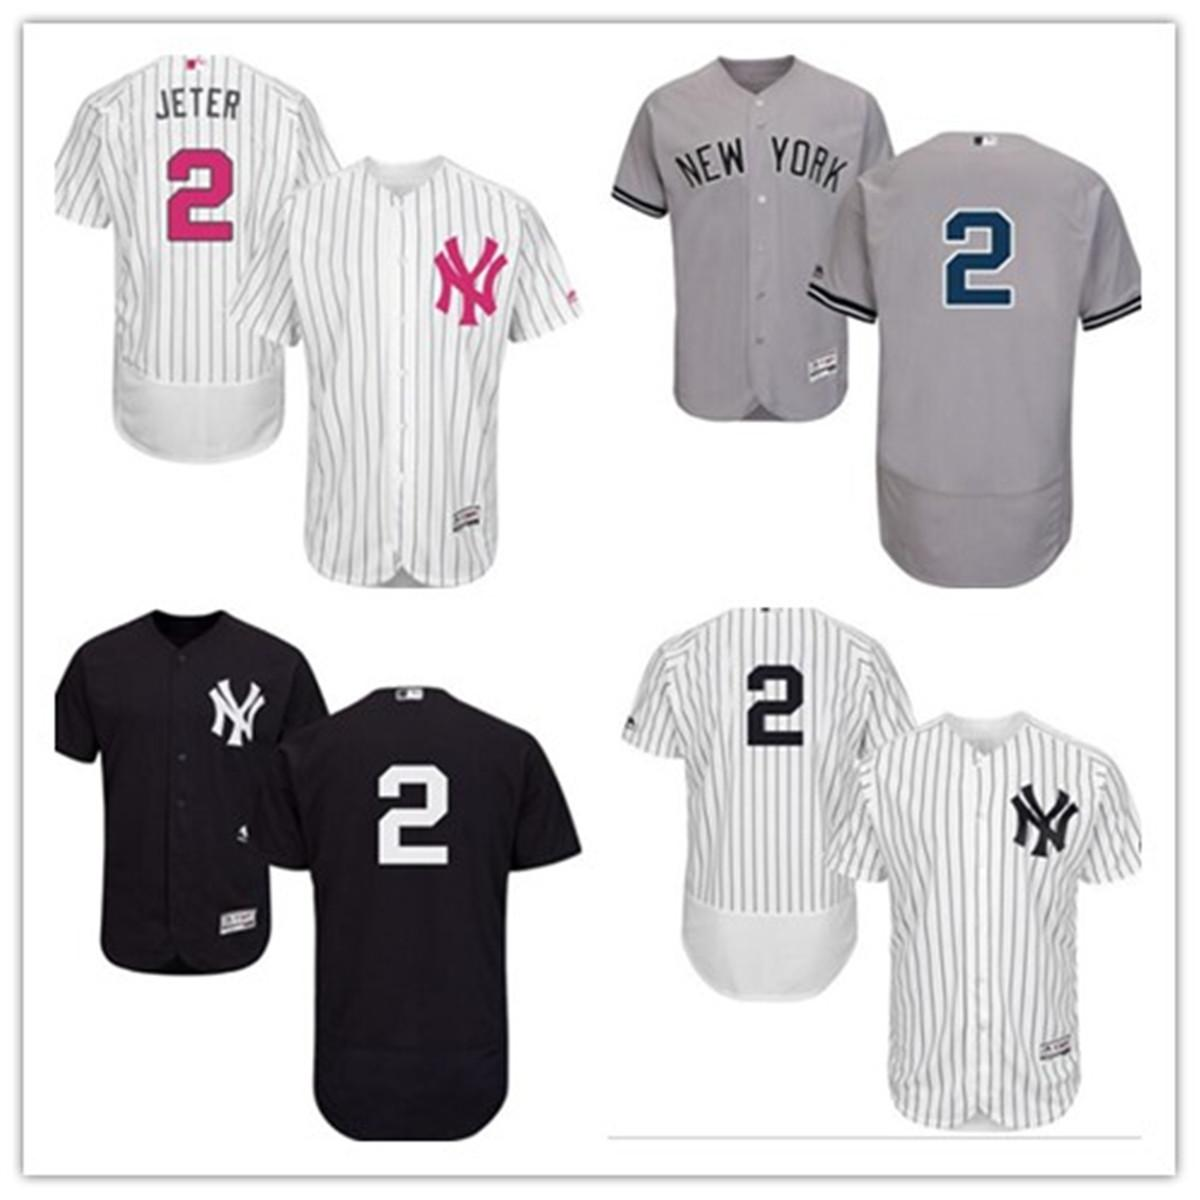 사용자 정의 무료 배송 야구 유니폼 뉴욕 2 데릭 지터 새로운 YorkYankees 양키 남성 여성 청소년 흰색 고품질의 유니폼을 빨간색